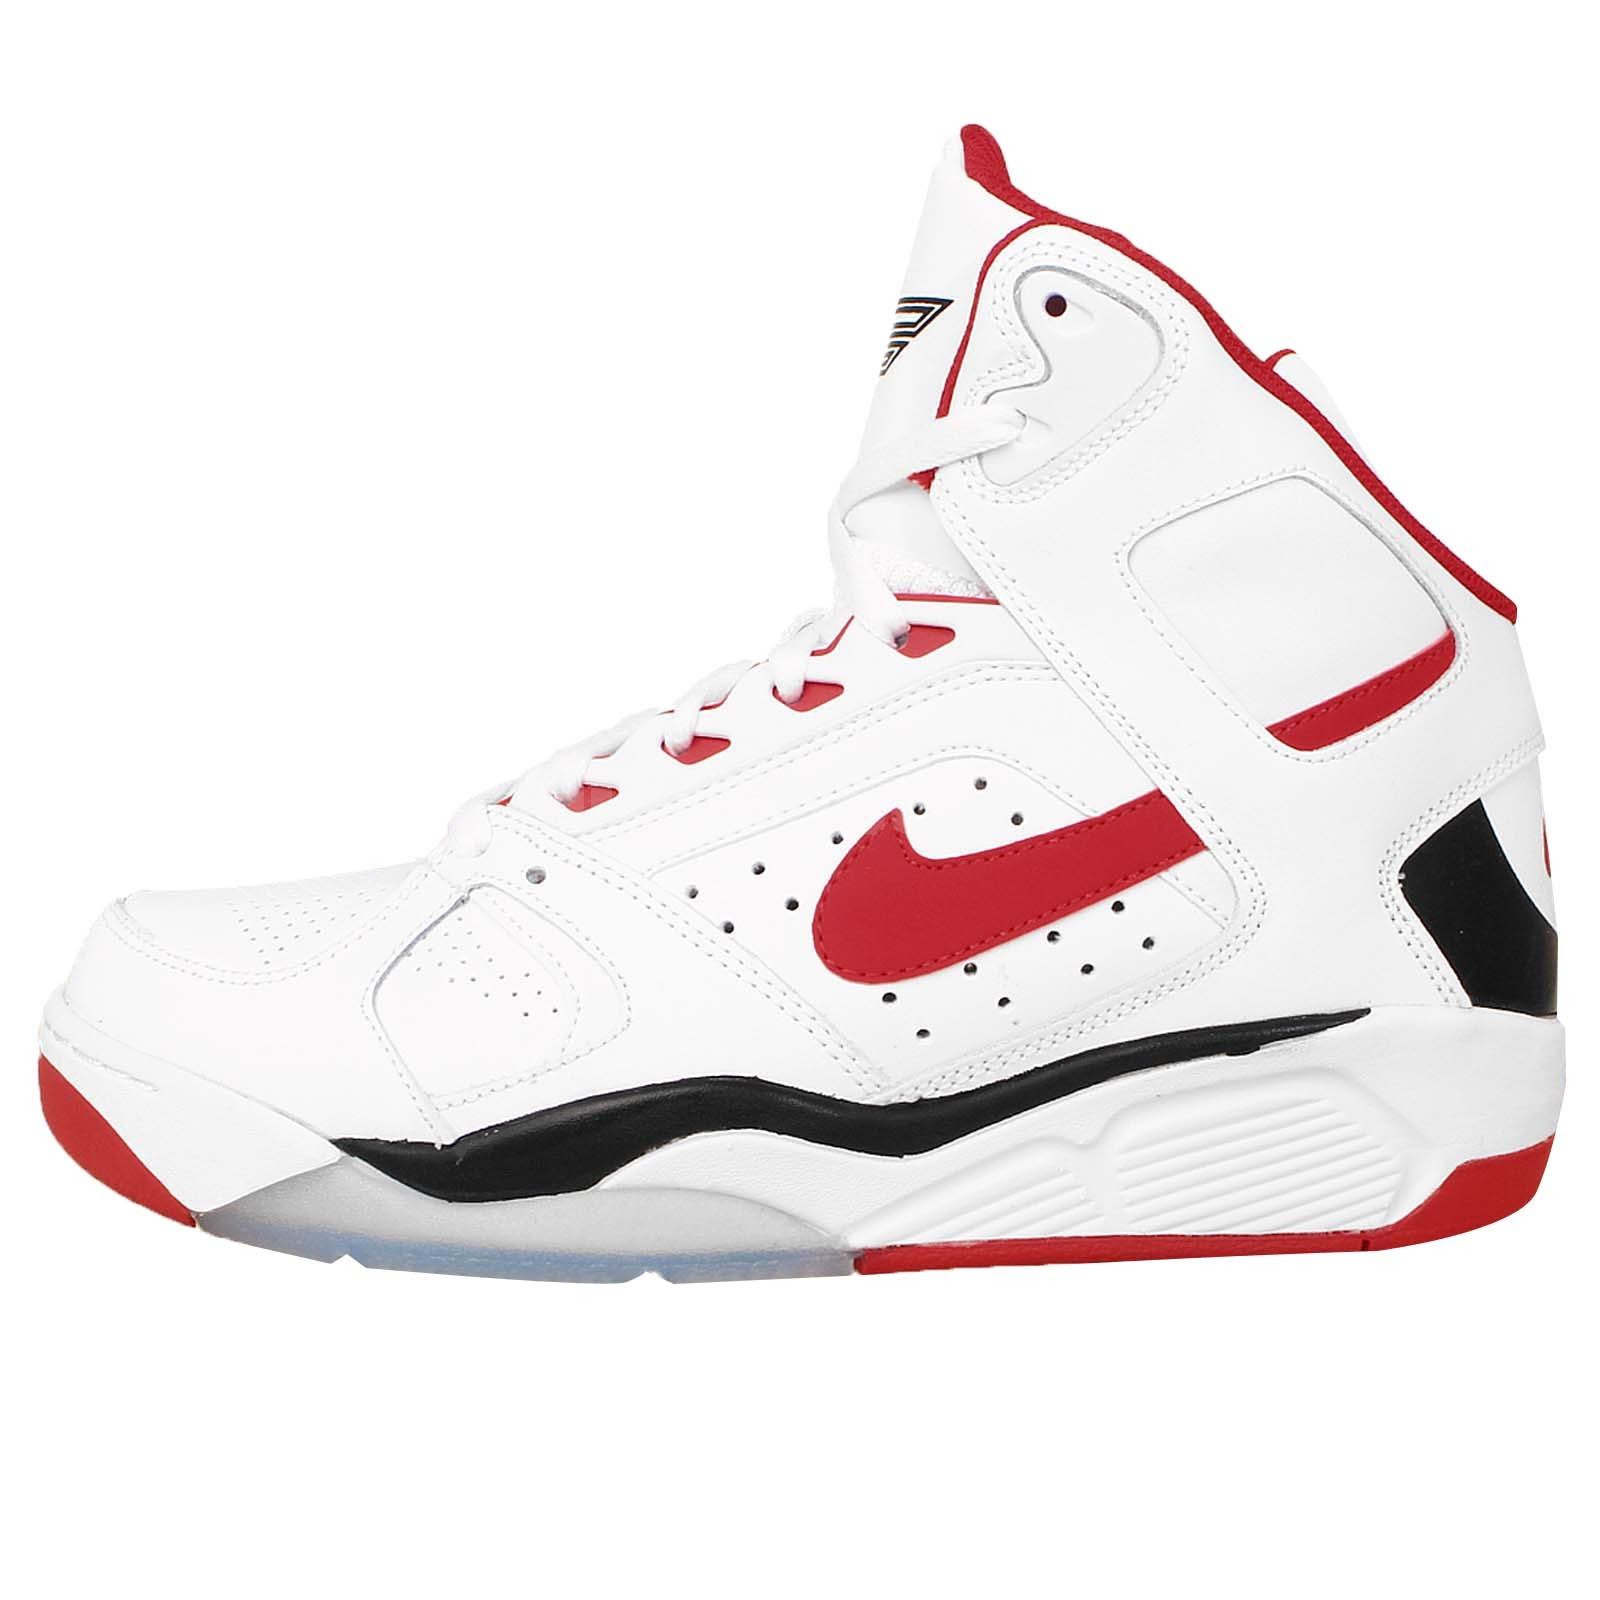 nike air flight lite high white red black og mens basketball shoes 329984 103 ebay. Black Bedroom Furniture Sets. Home Design Ideas